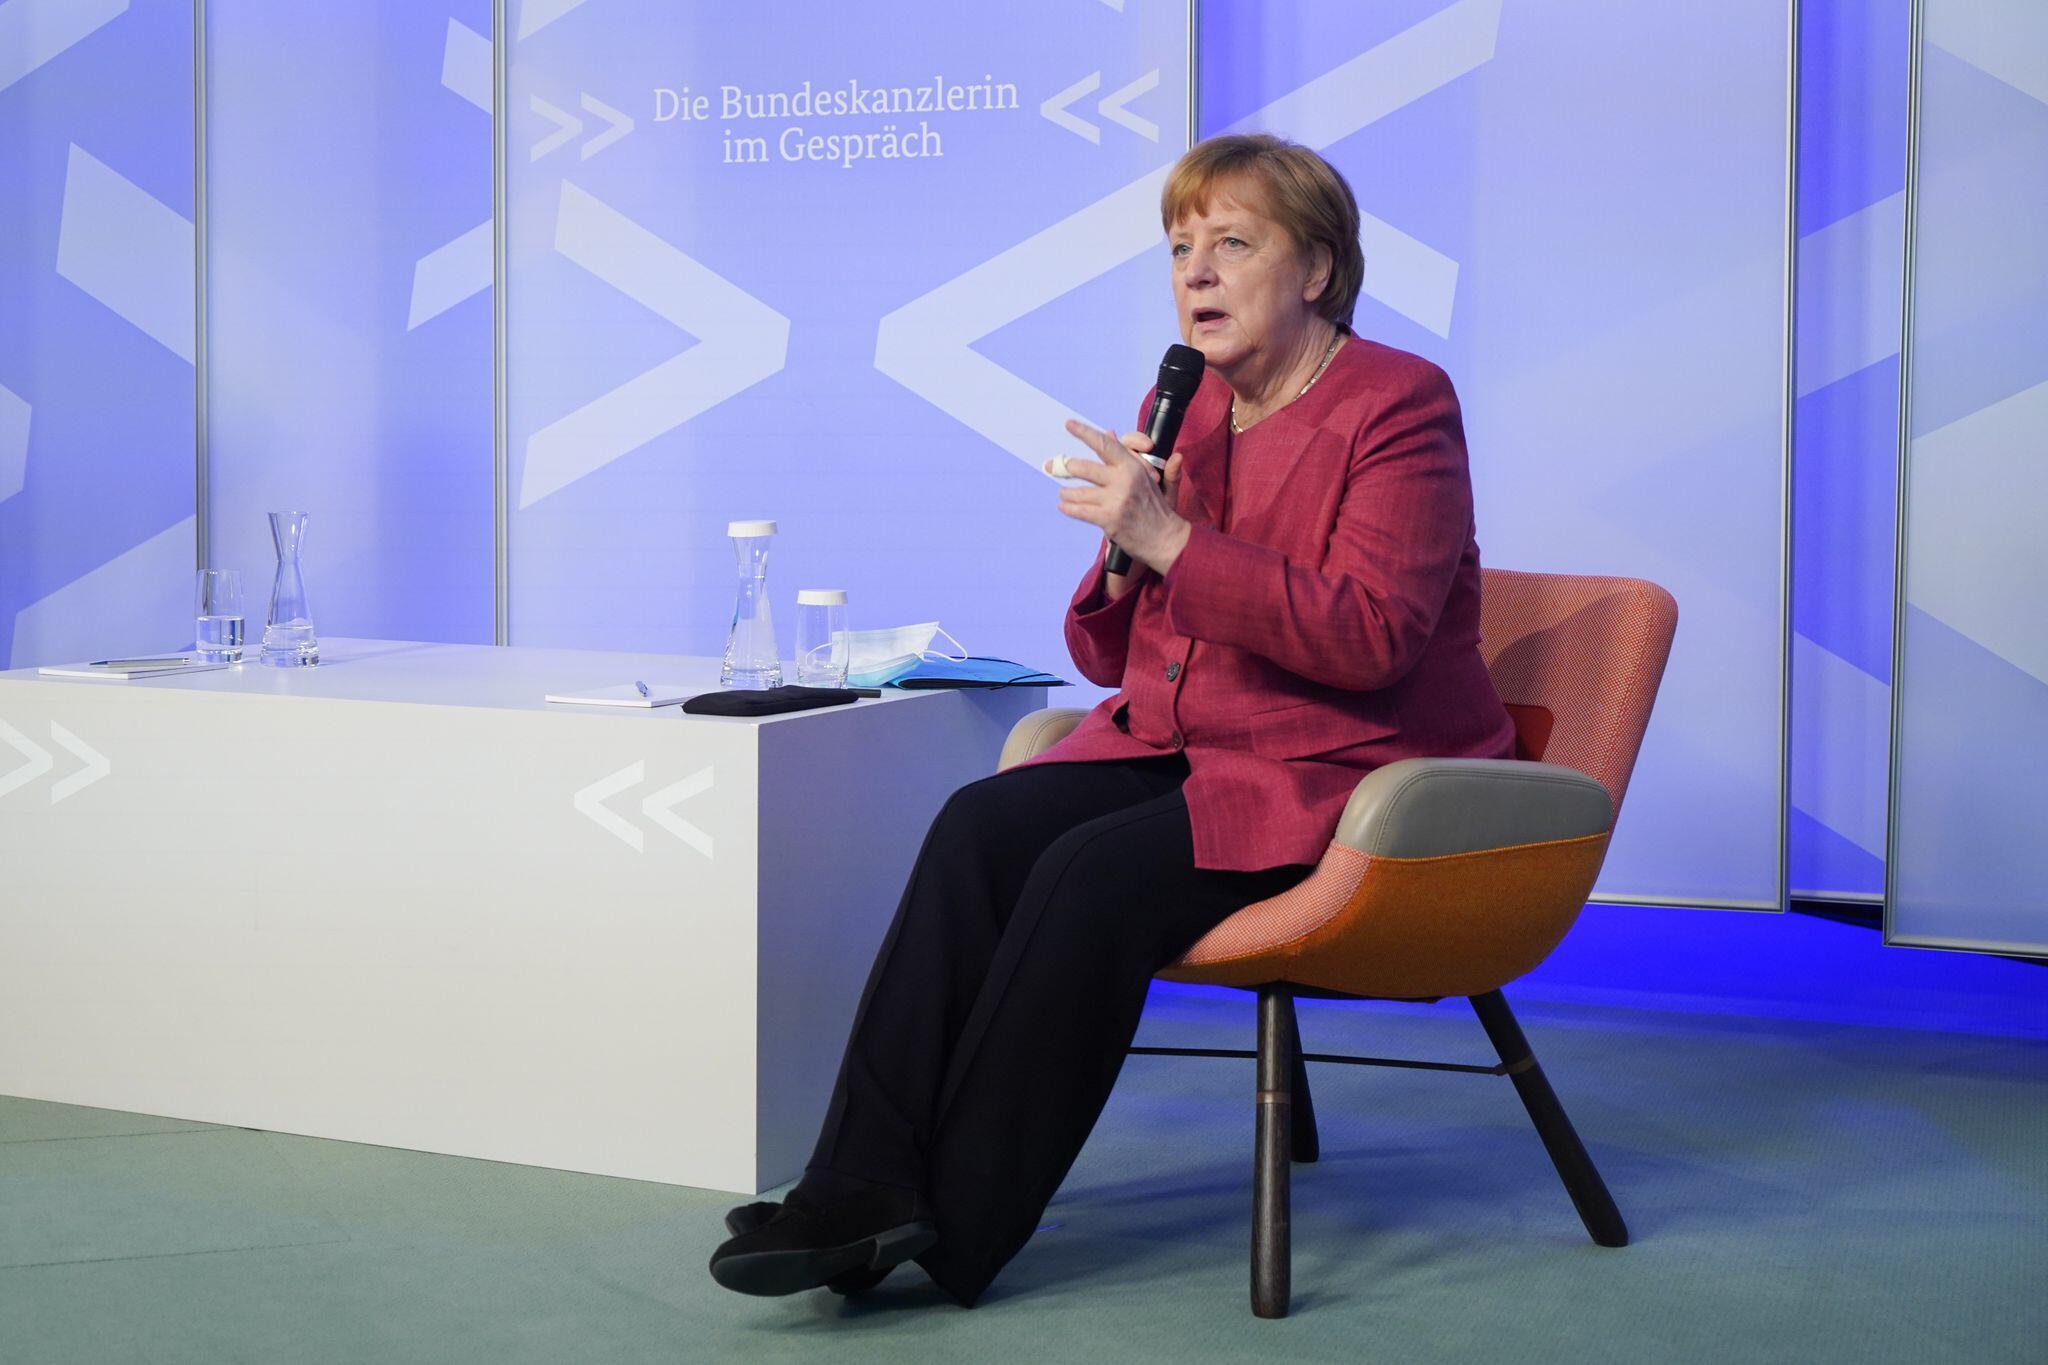 Bild zu Merkel bei virtueller Reihe «Die Bundeskanzlerin im Gespräch»